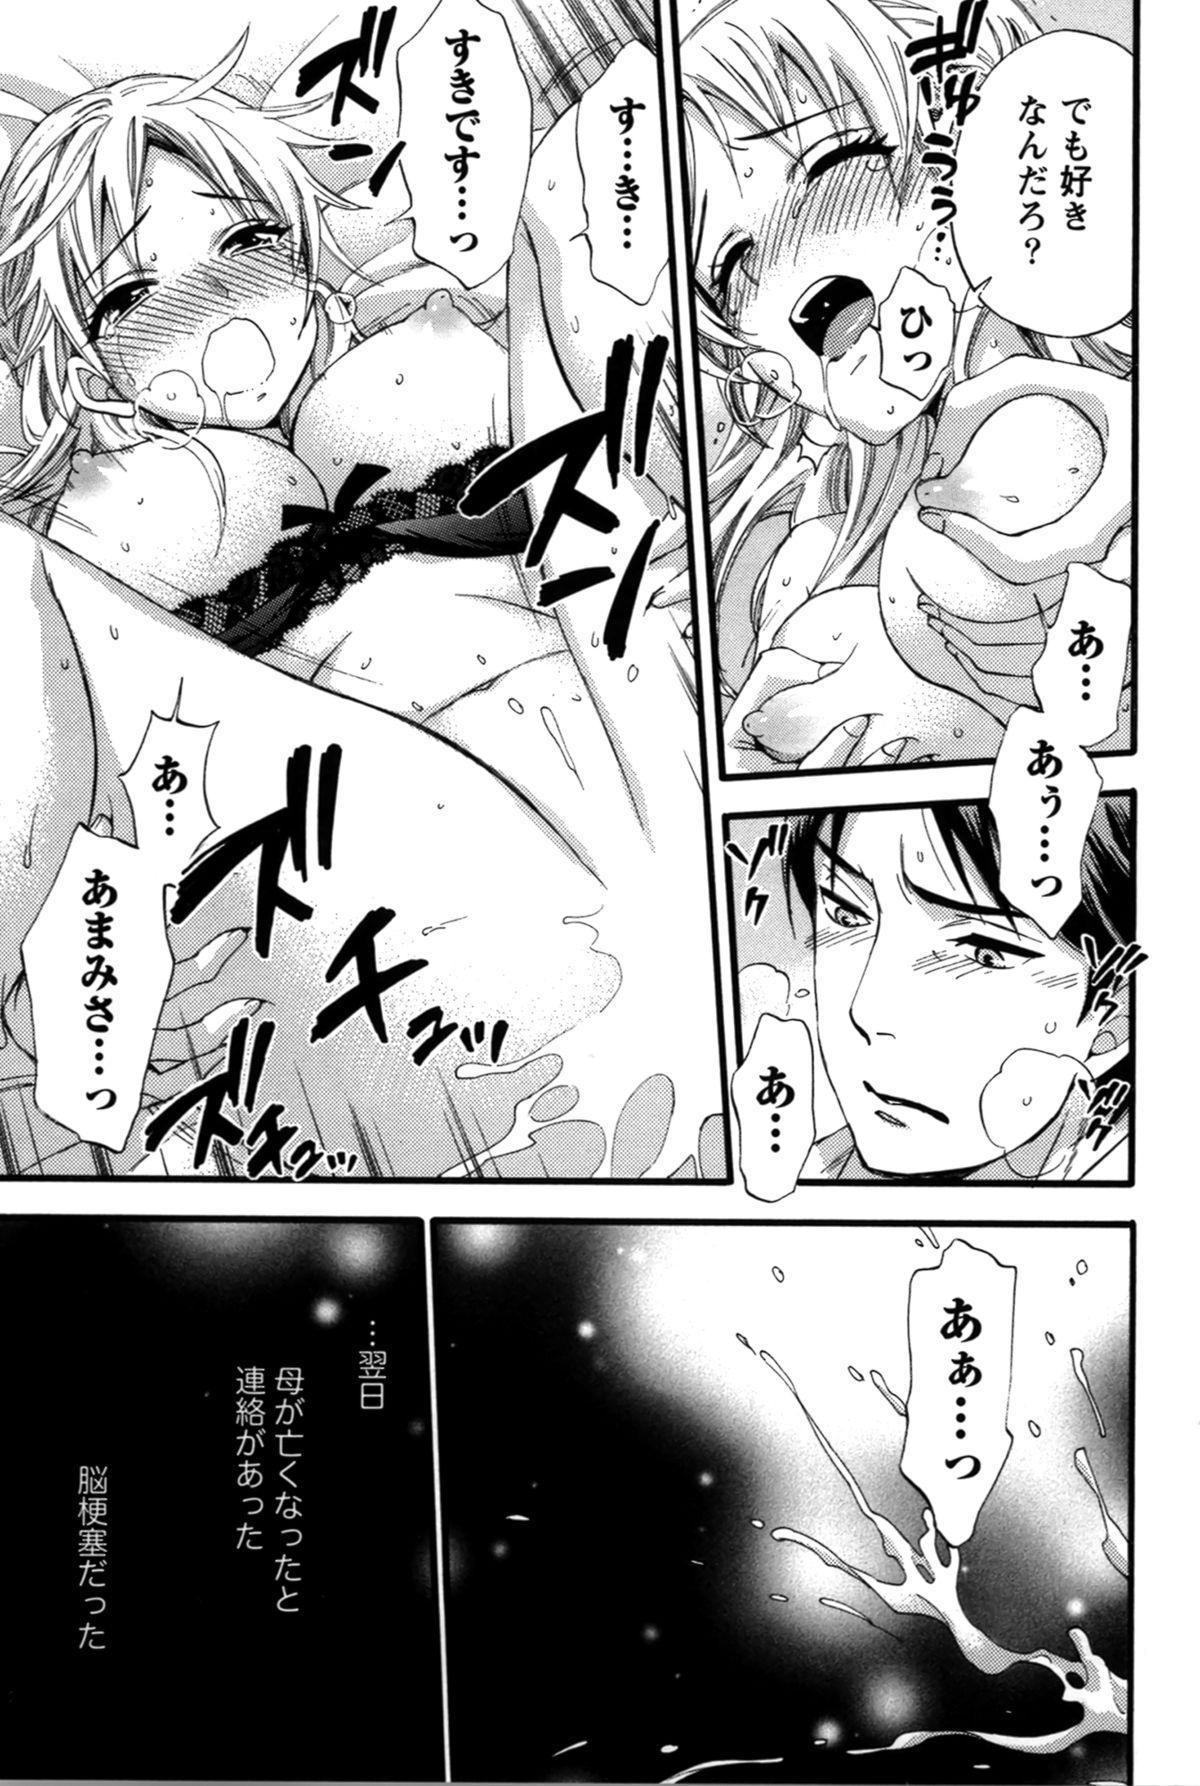 Anata to Watashi wa Warukunai 131